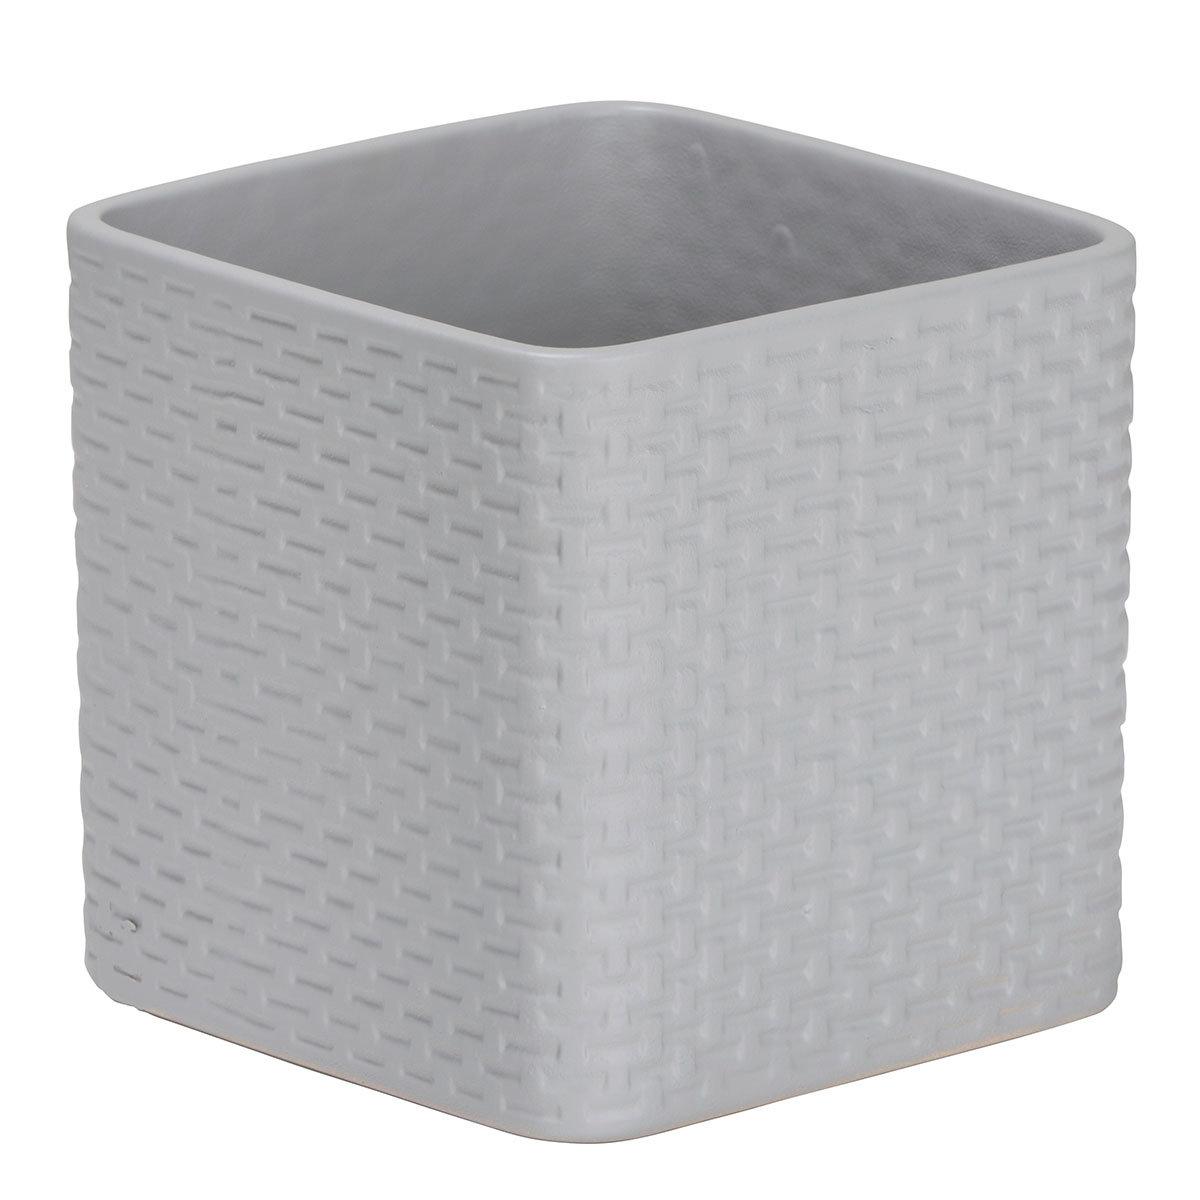 Scheurich Keramik-Übertopf Light Grey, rechteckig 13 cm   #2